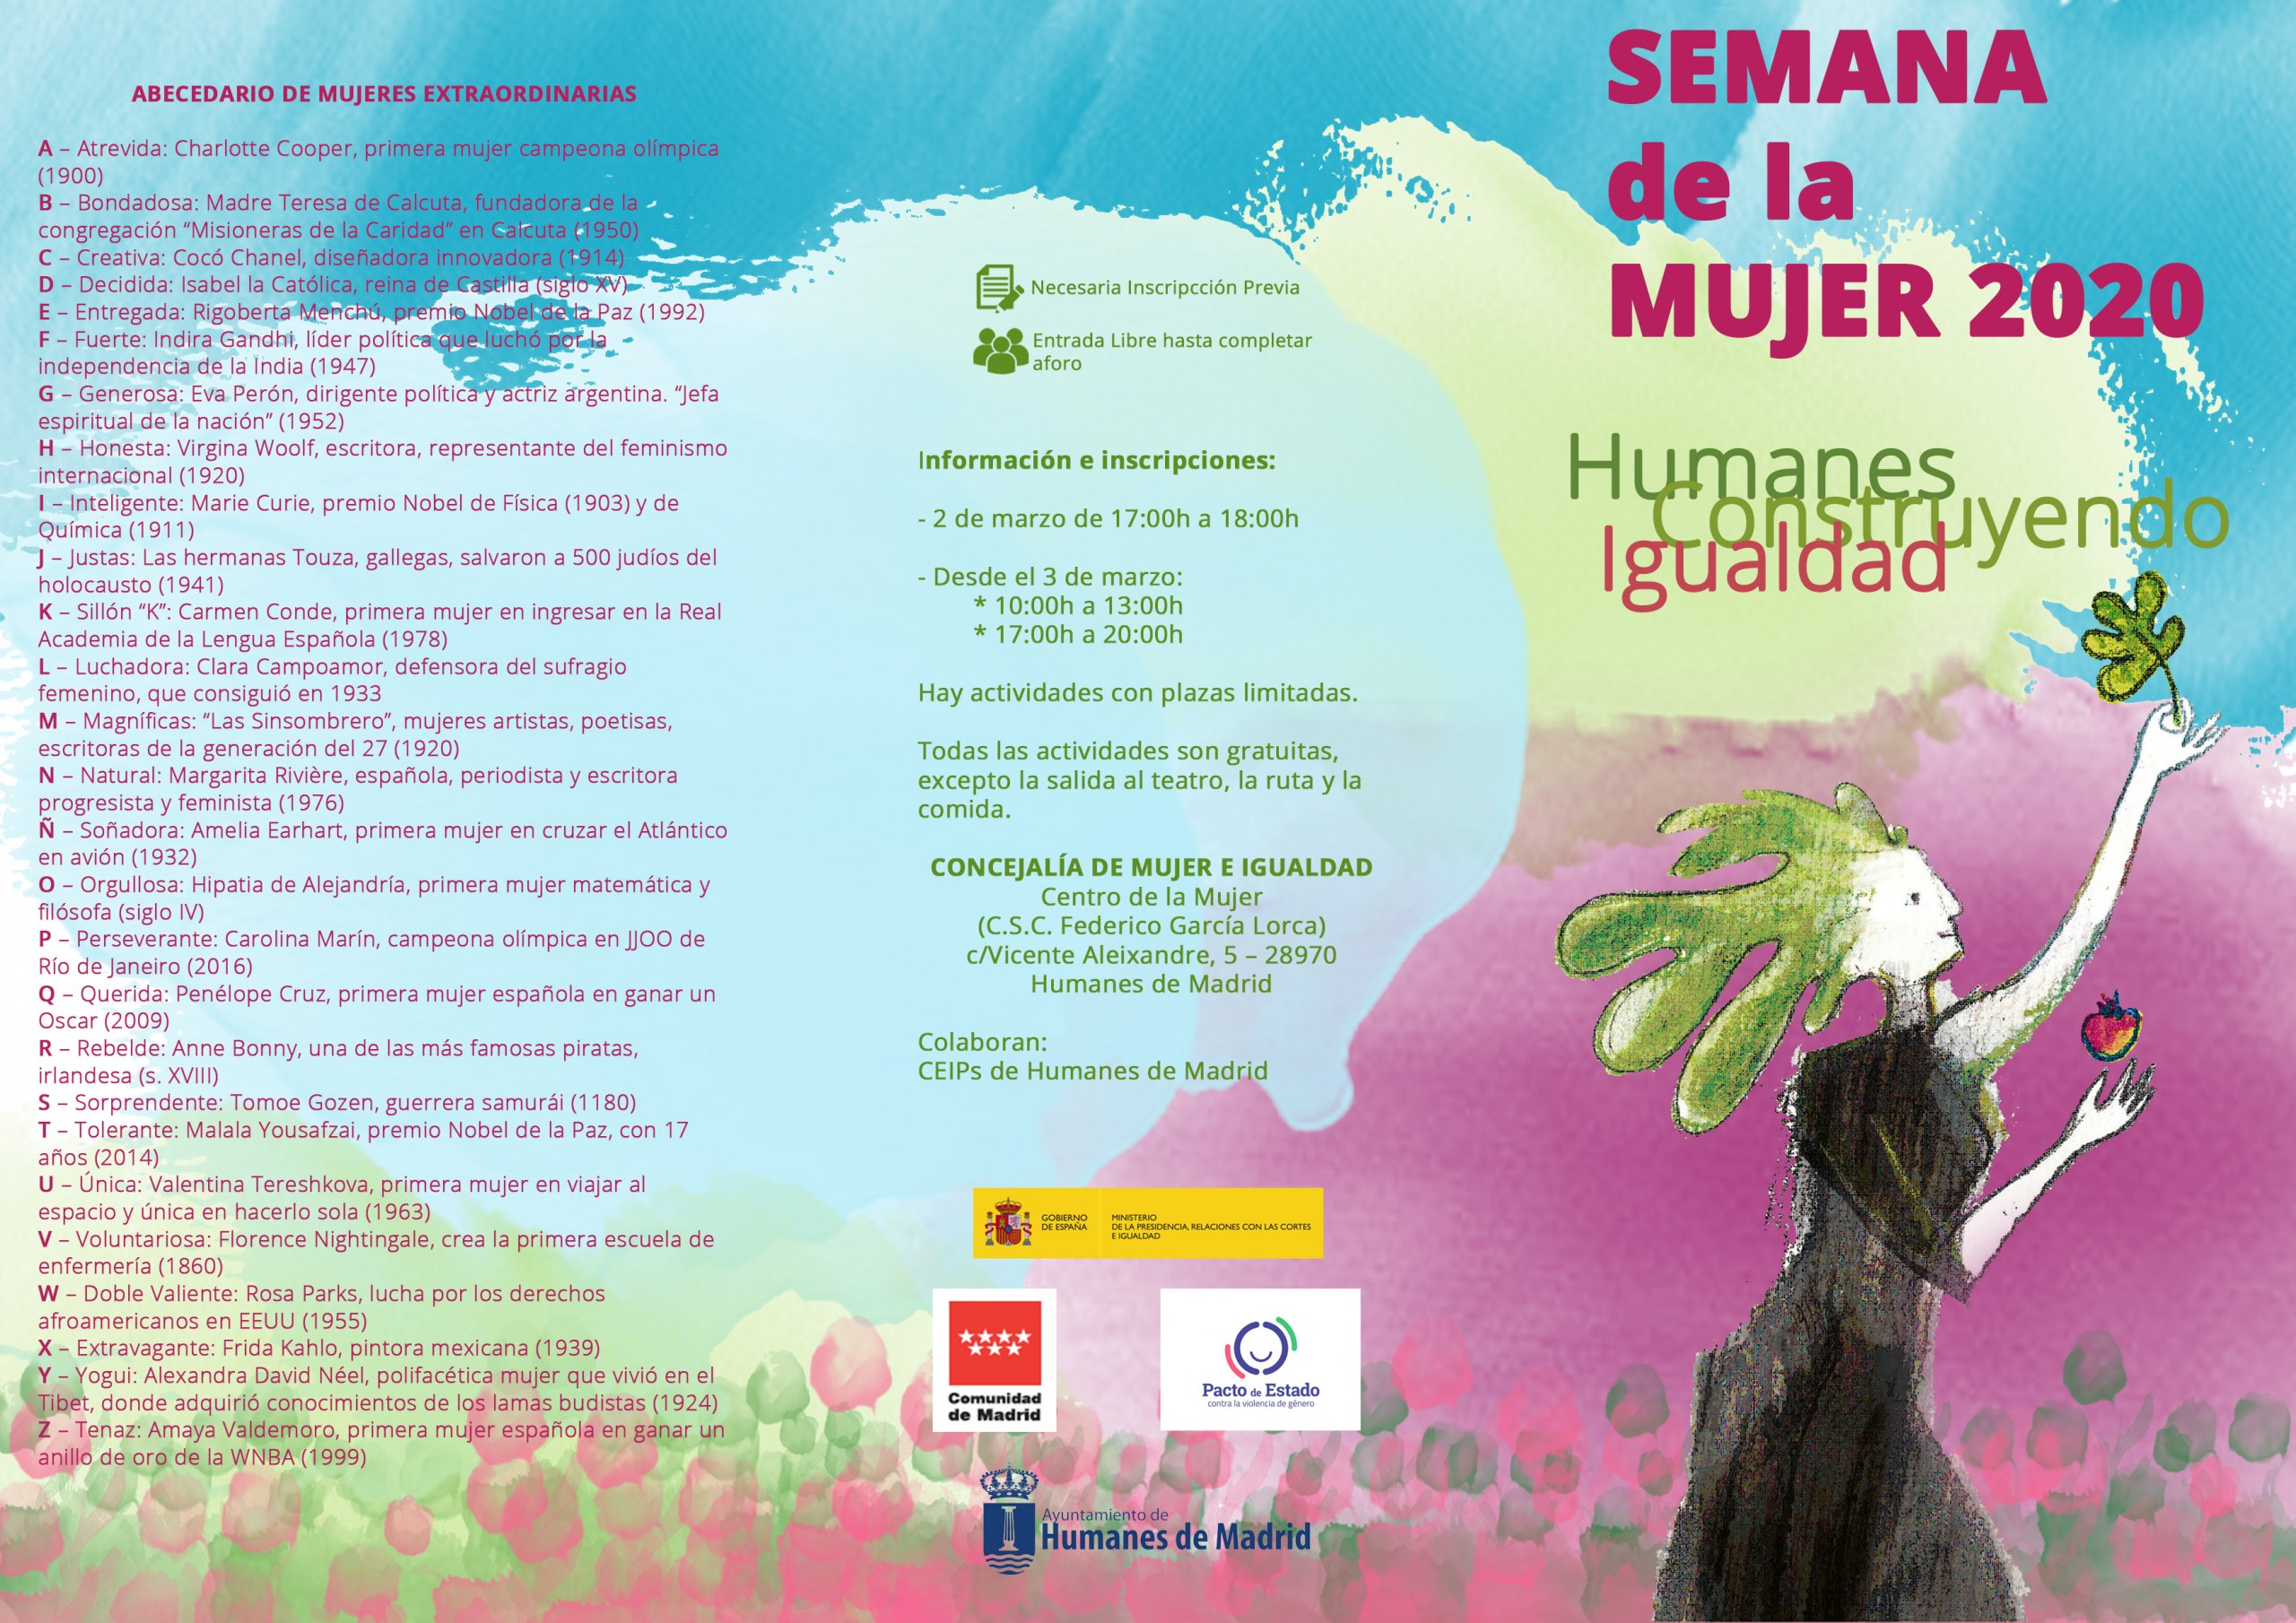 Comienza la Semana de la Mujer 2020 con talleres, actividades culturales, deportivas y musicales.